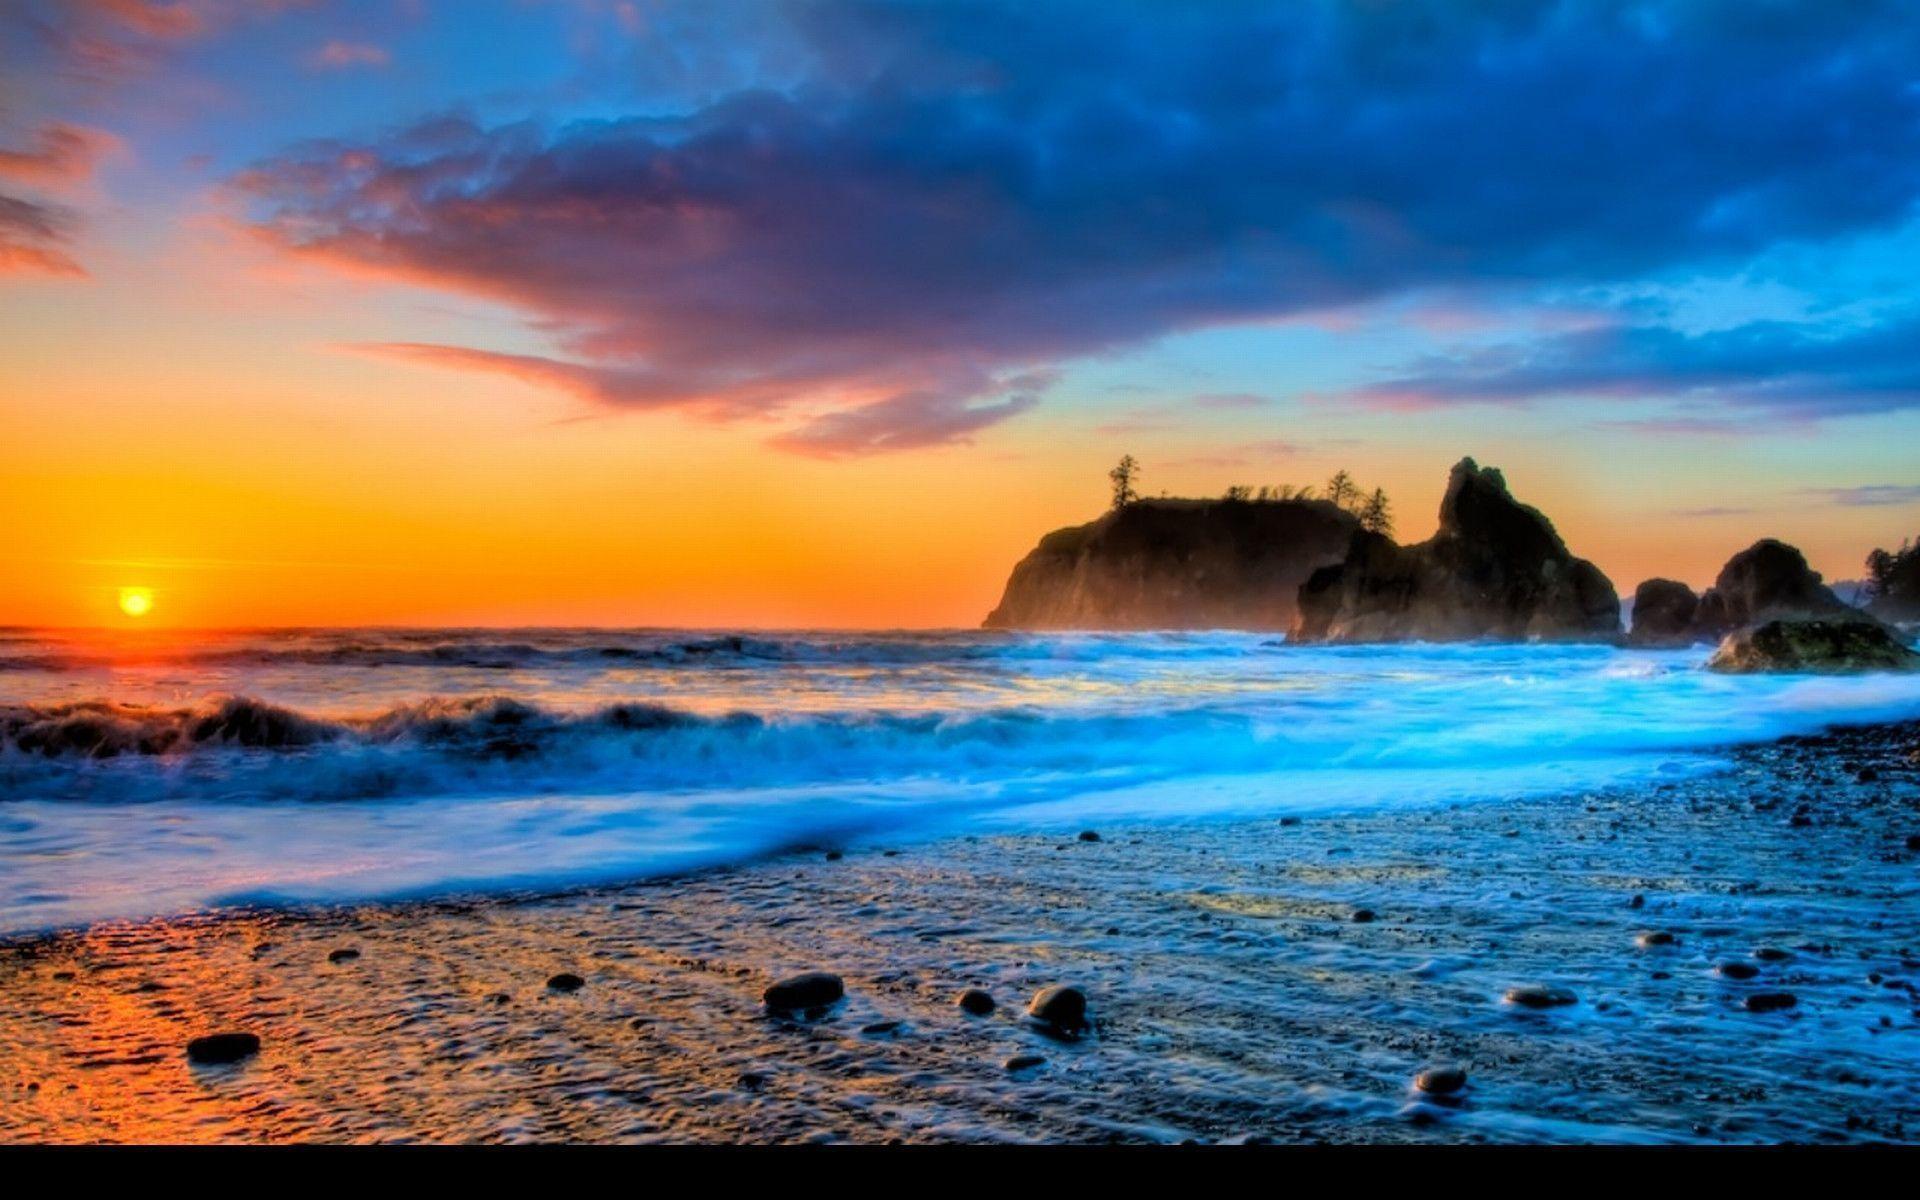 sunset beaches wallpaper ·①